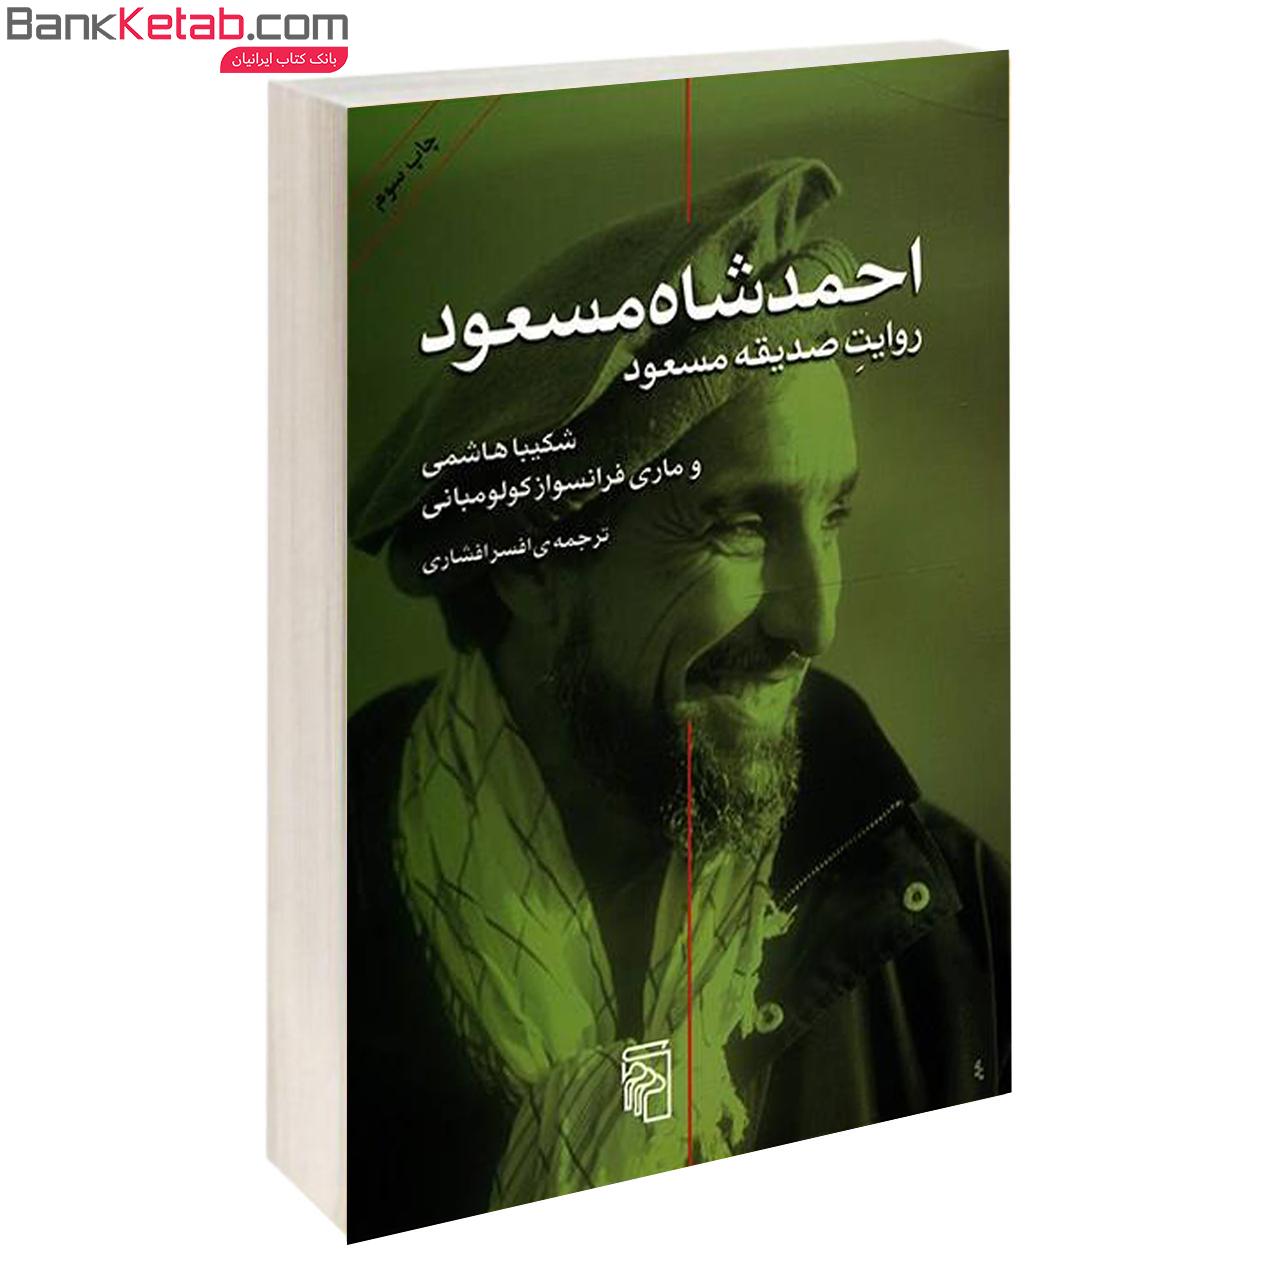 کتاب احمد شاه مسعود نشر مرکز